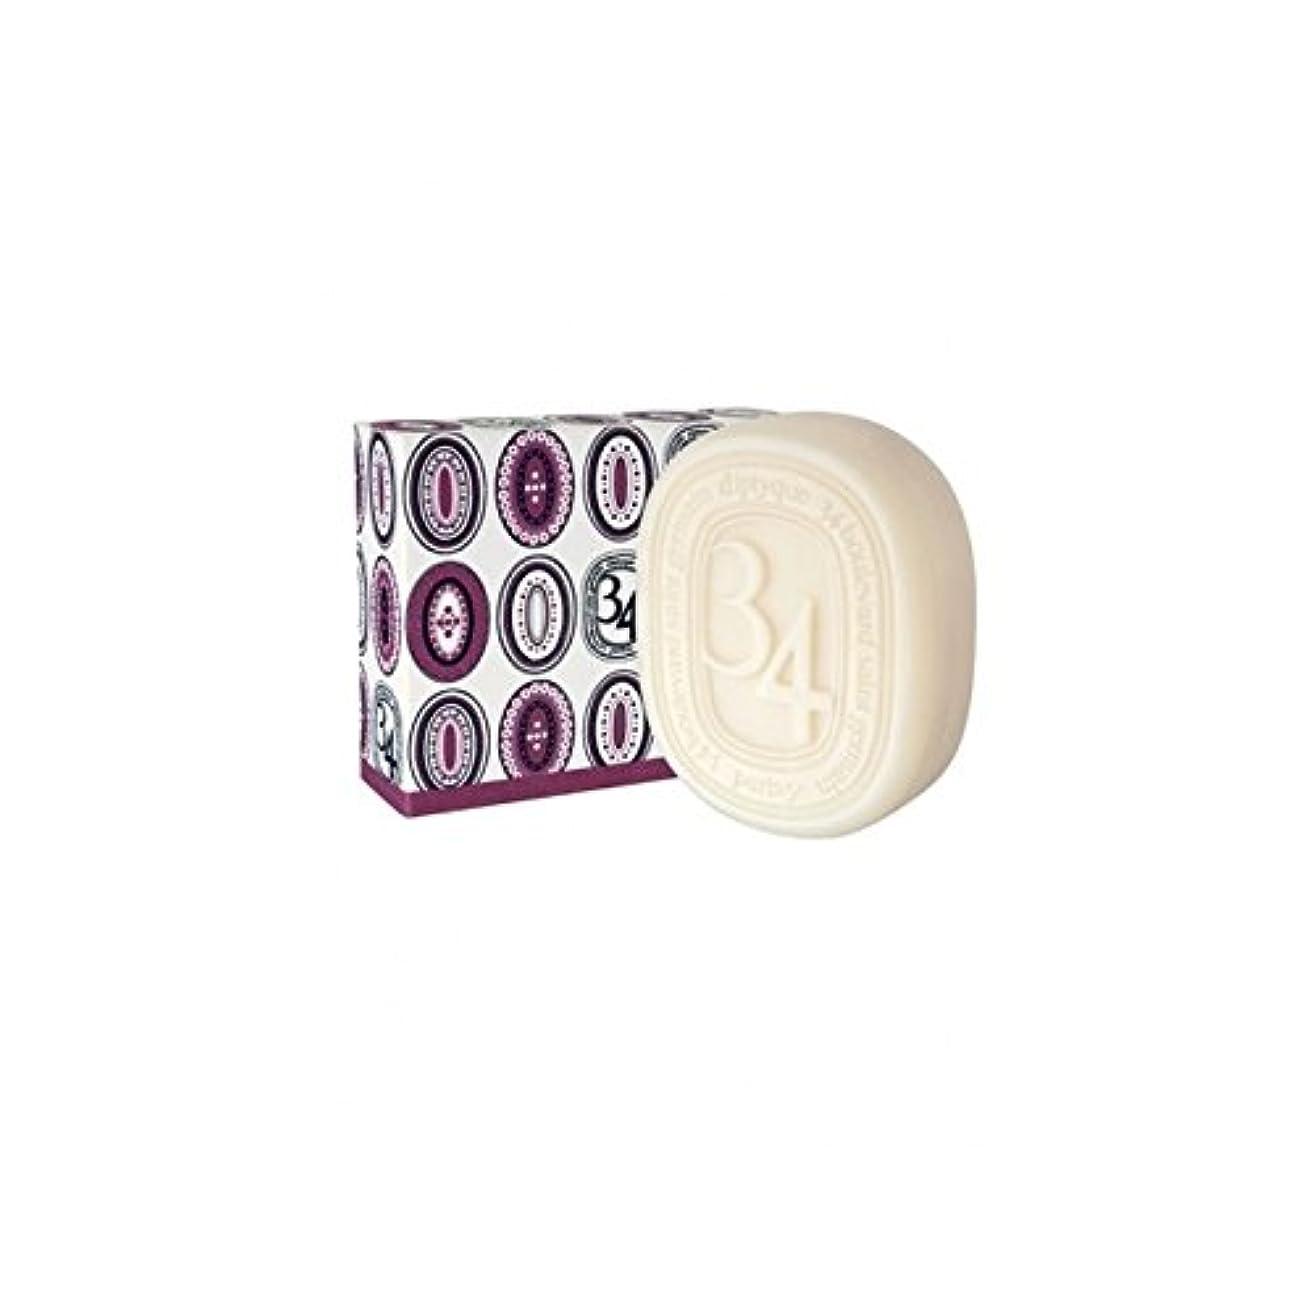 主観的機械啓発するDiptyqueコレクション34大通りサンジェルマン石鹸100グラム - Diptyque Collection 34 Boulevard Saint Germain Soap 100g (Diptyque) [並行輸入品]